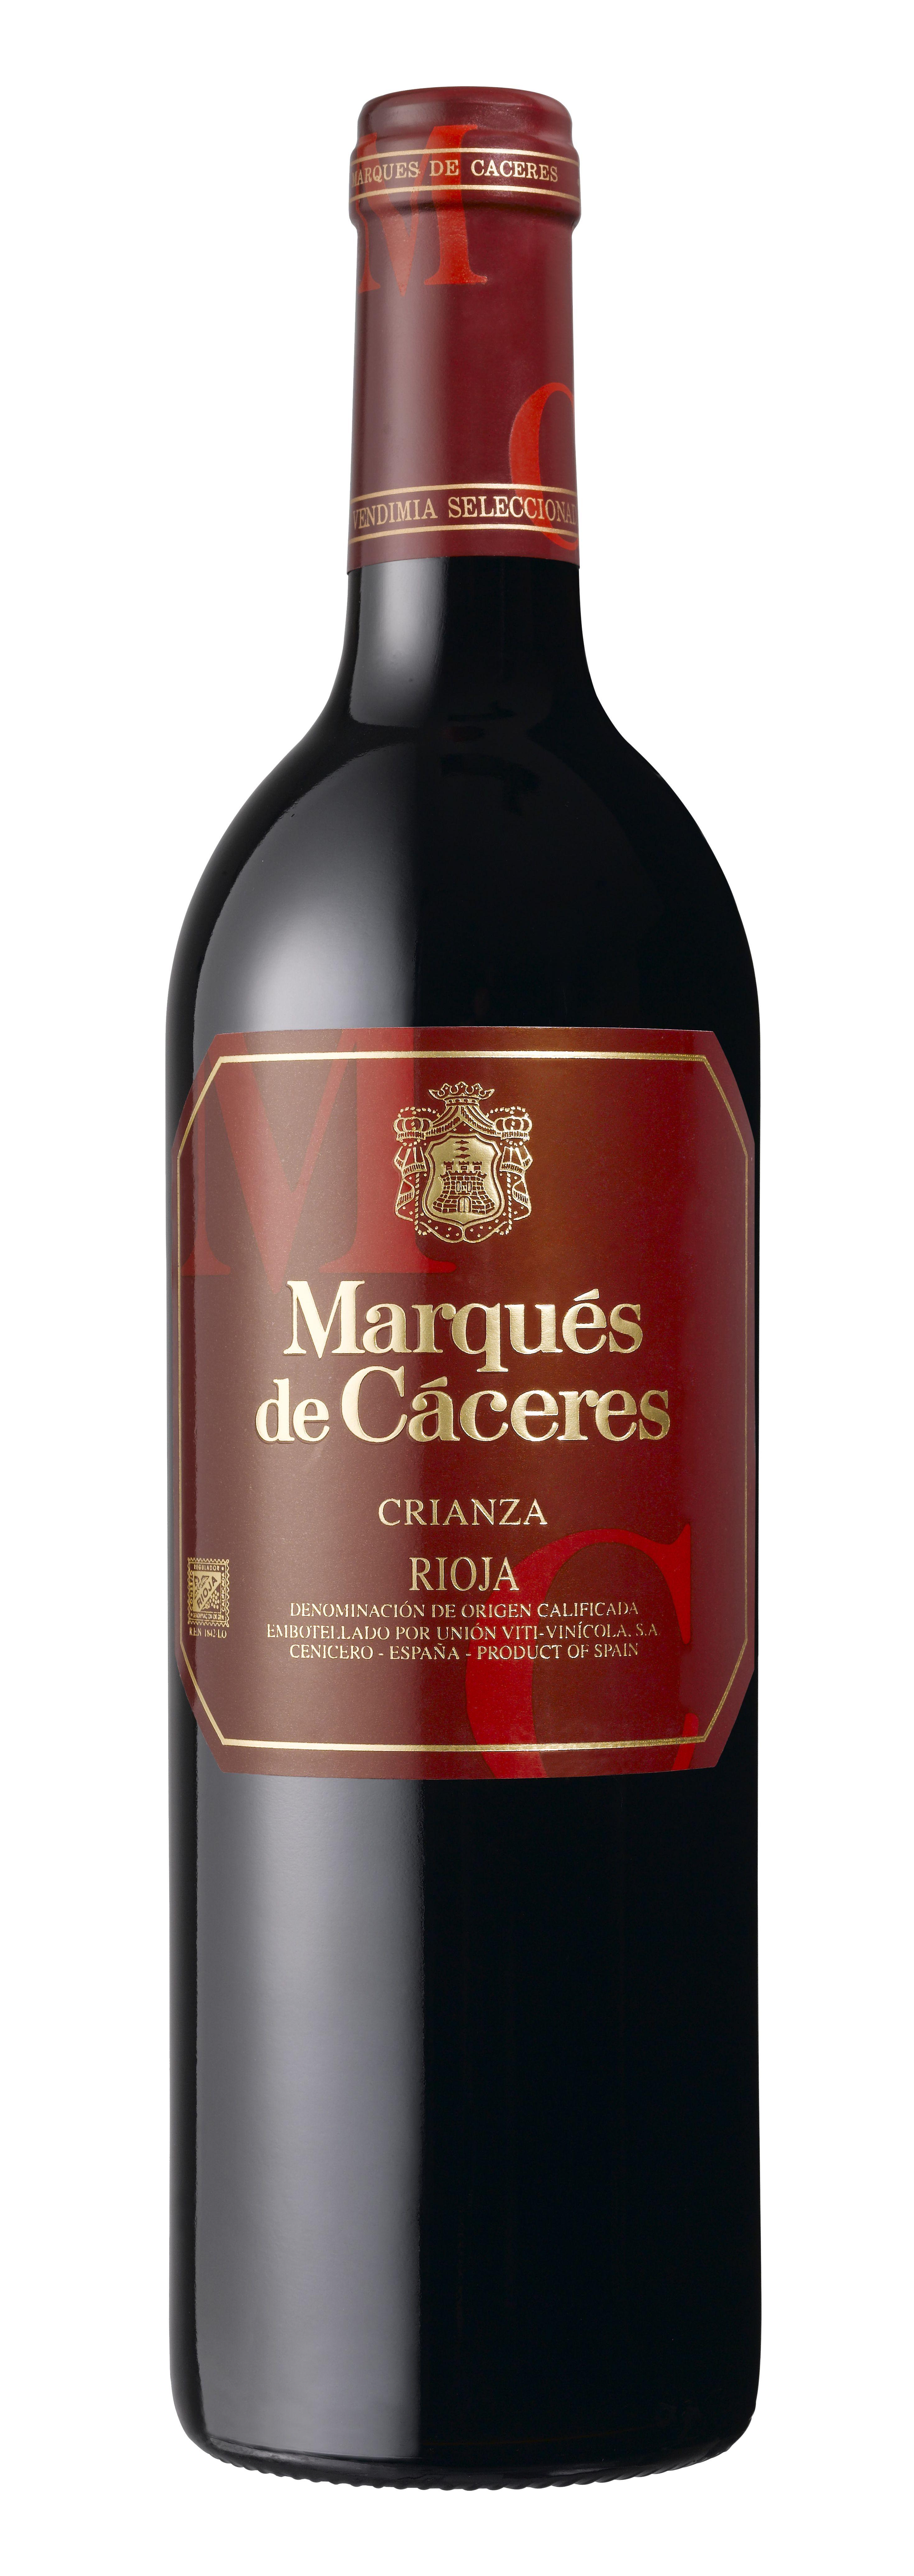 Marques De Caceres Spain Vinos Y Quesos Vinos Vino Rioja